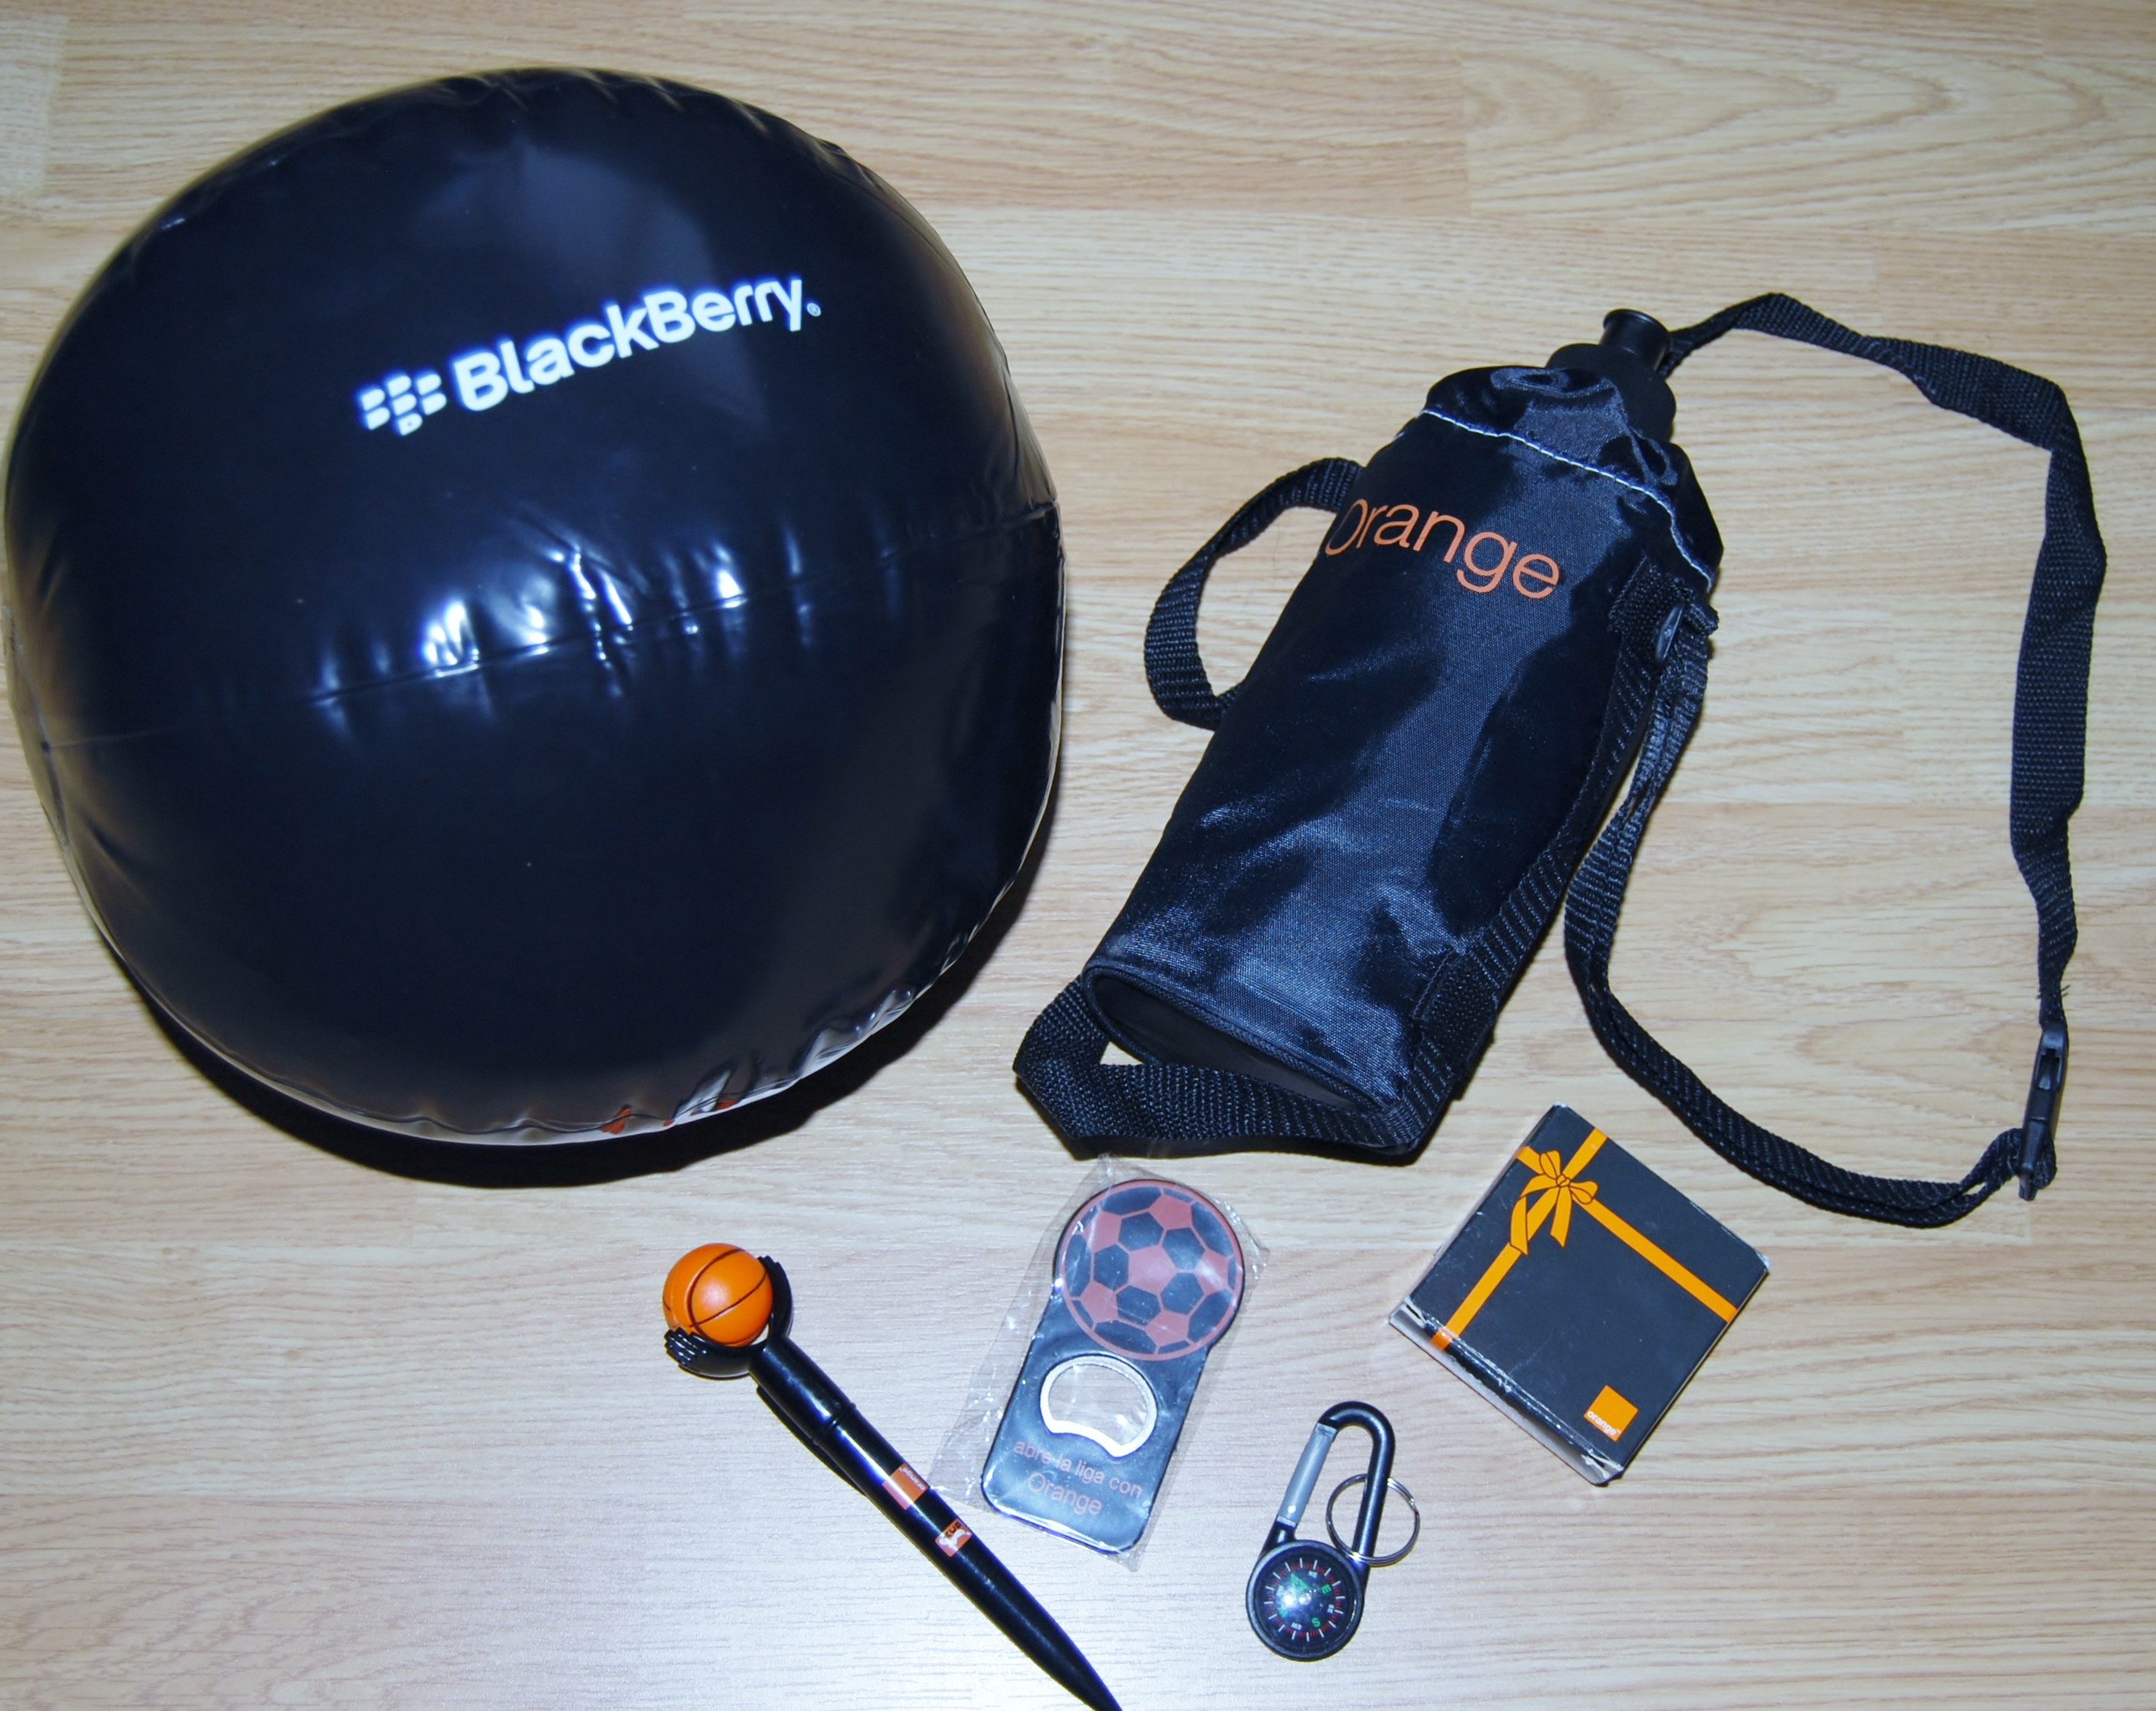 2011-11-19-001-2011-11-19-001-2.jpg